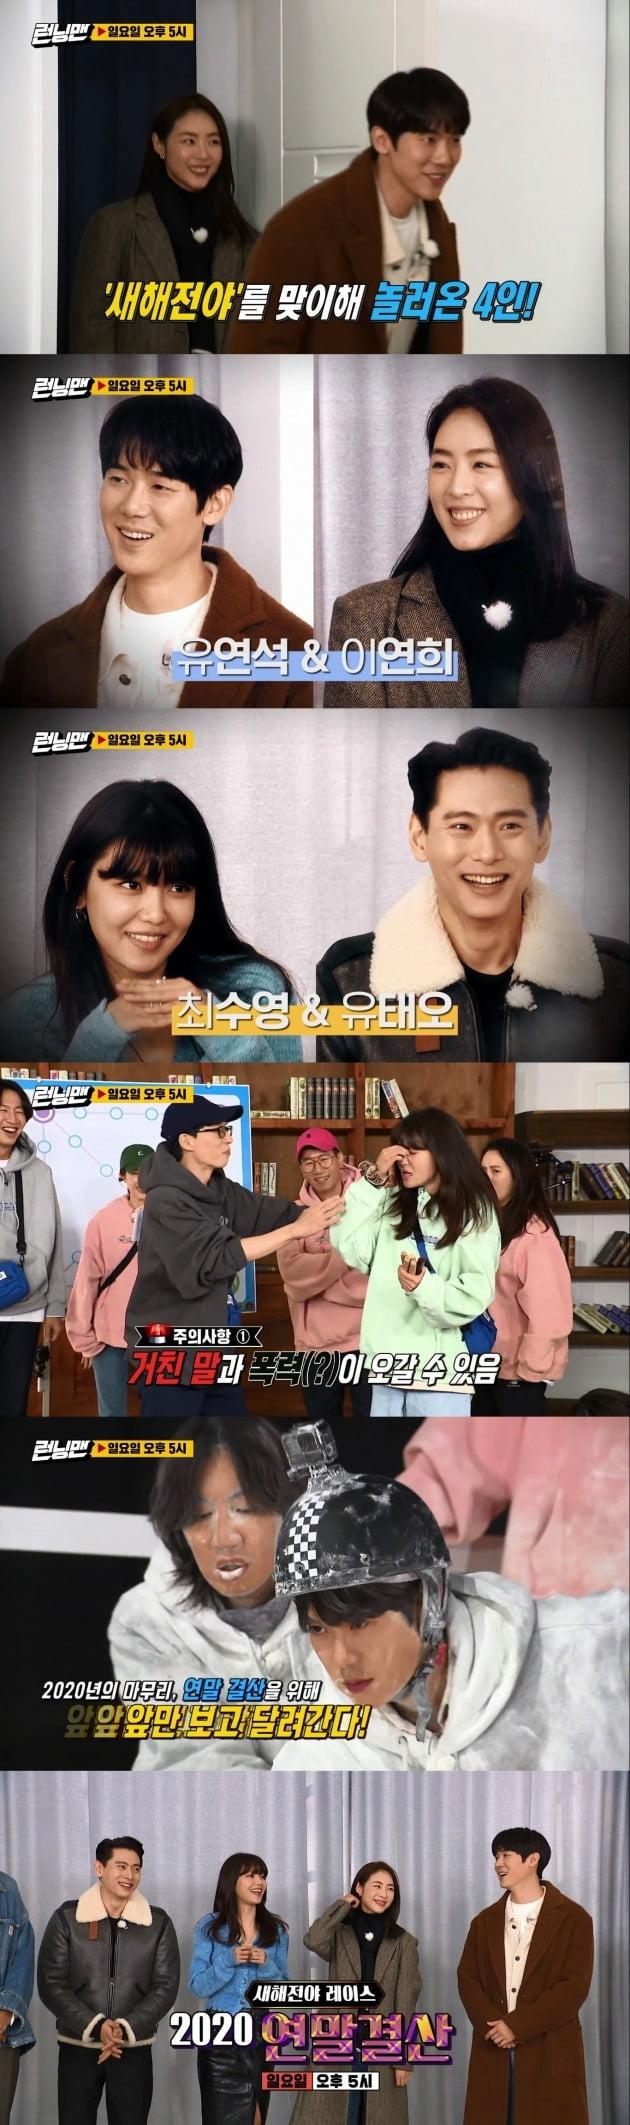 '새해전야' 유연석, 이연희, 최수영, 유태오가 SBS '런닝맨'에 출연한다. / 사진=SBS '런닝맨' 예고편 캡처